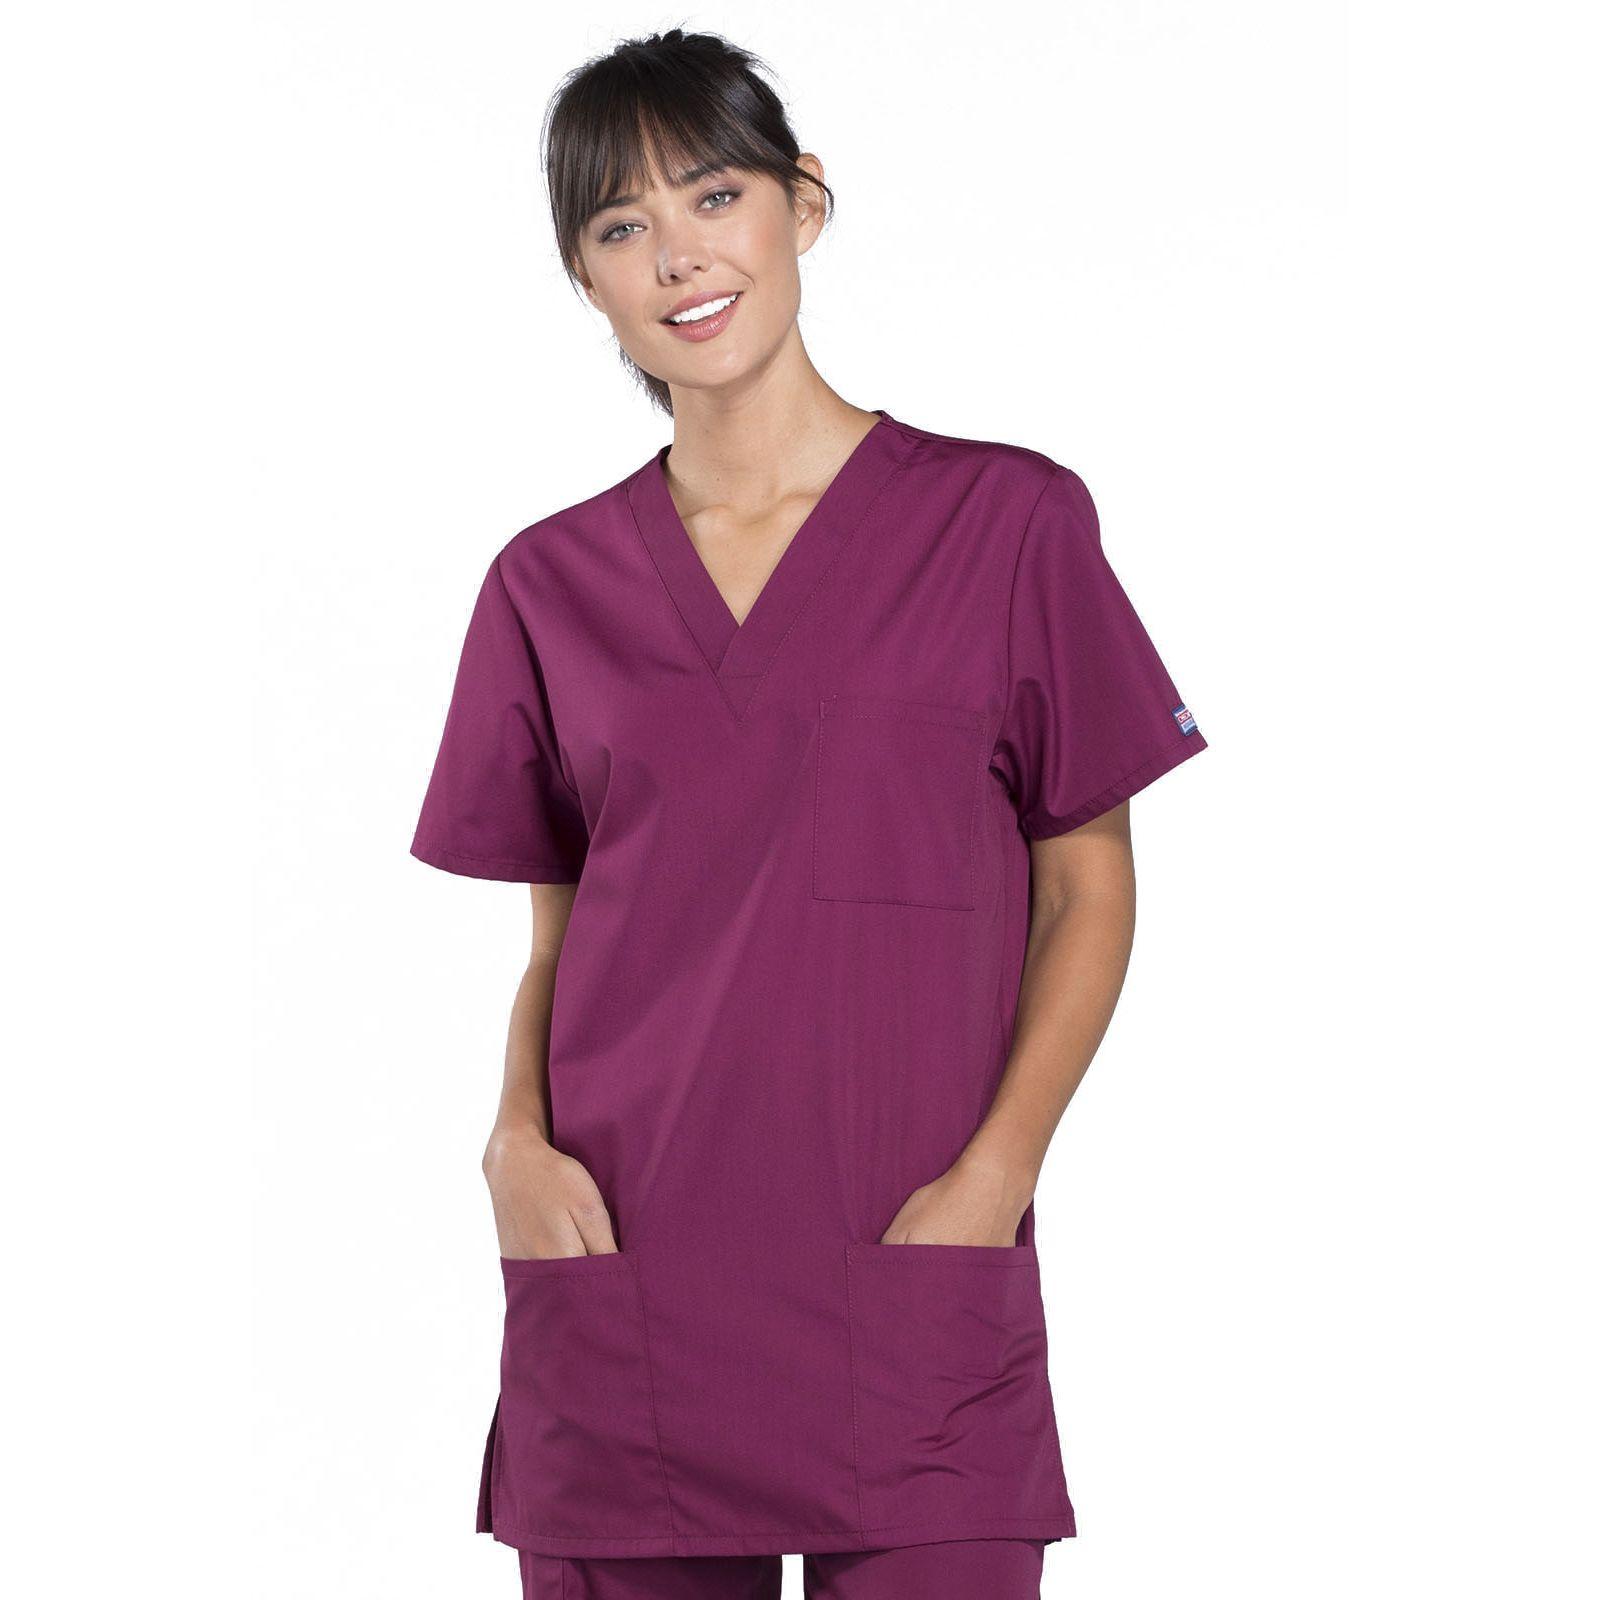 Blouse médicale Femme, 3 poches, Cherokee Workwear Originals (4876) bordeaux face